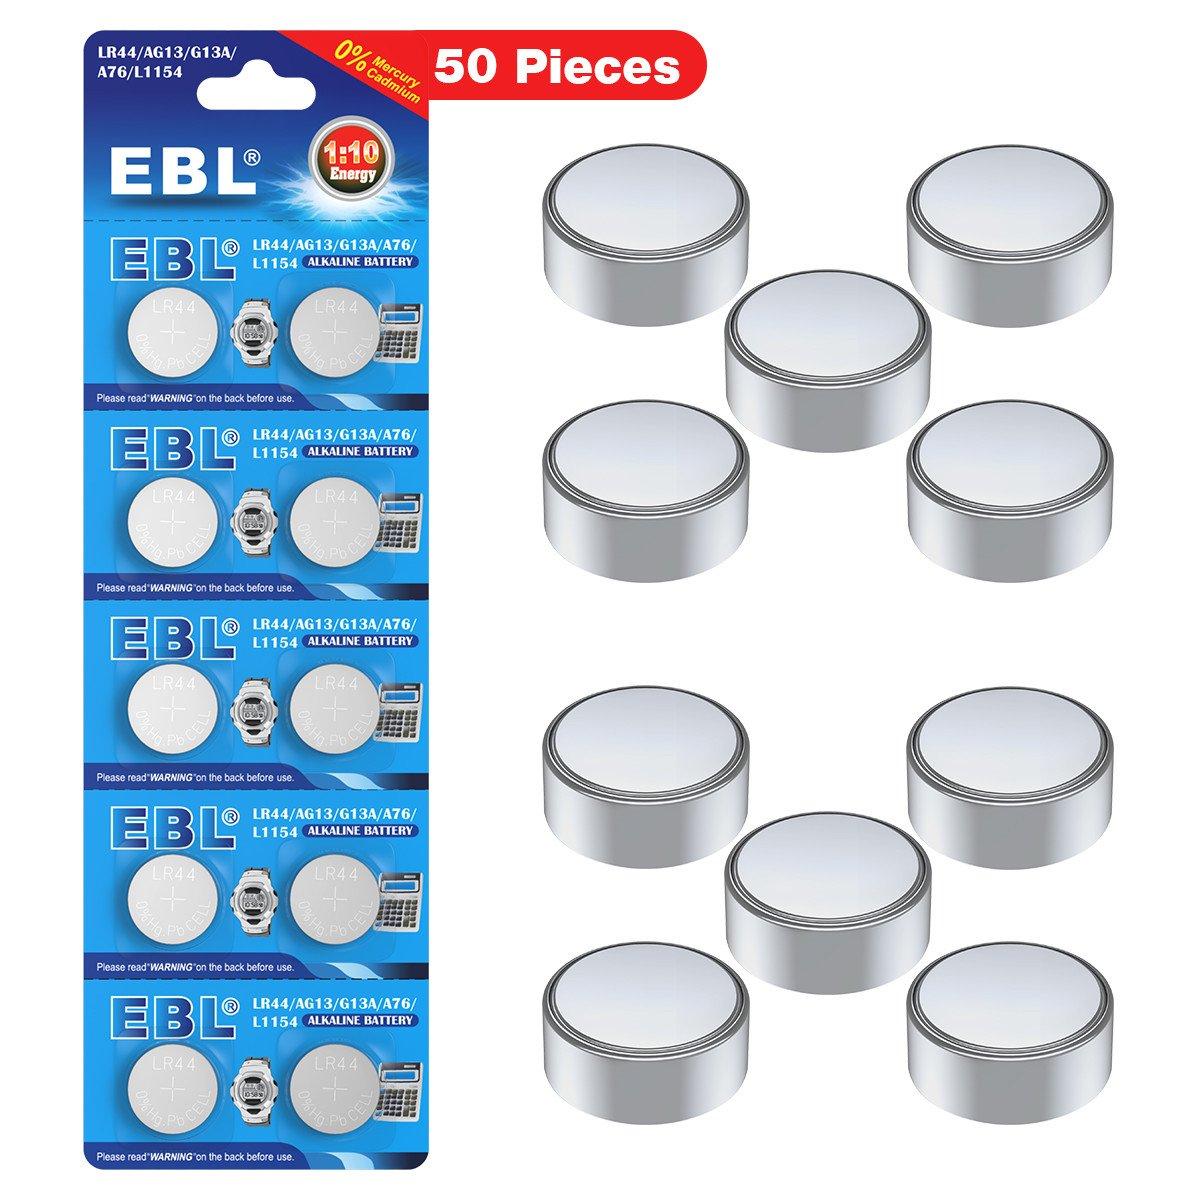 EBL 50 Unidades de Pilas Botón Alcalina L1154 AG13 G13A LR44 A76 Adecuados para Relojes, Calculadoras, Juguetes, Linternas y Otros Micro Dispositivos